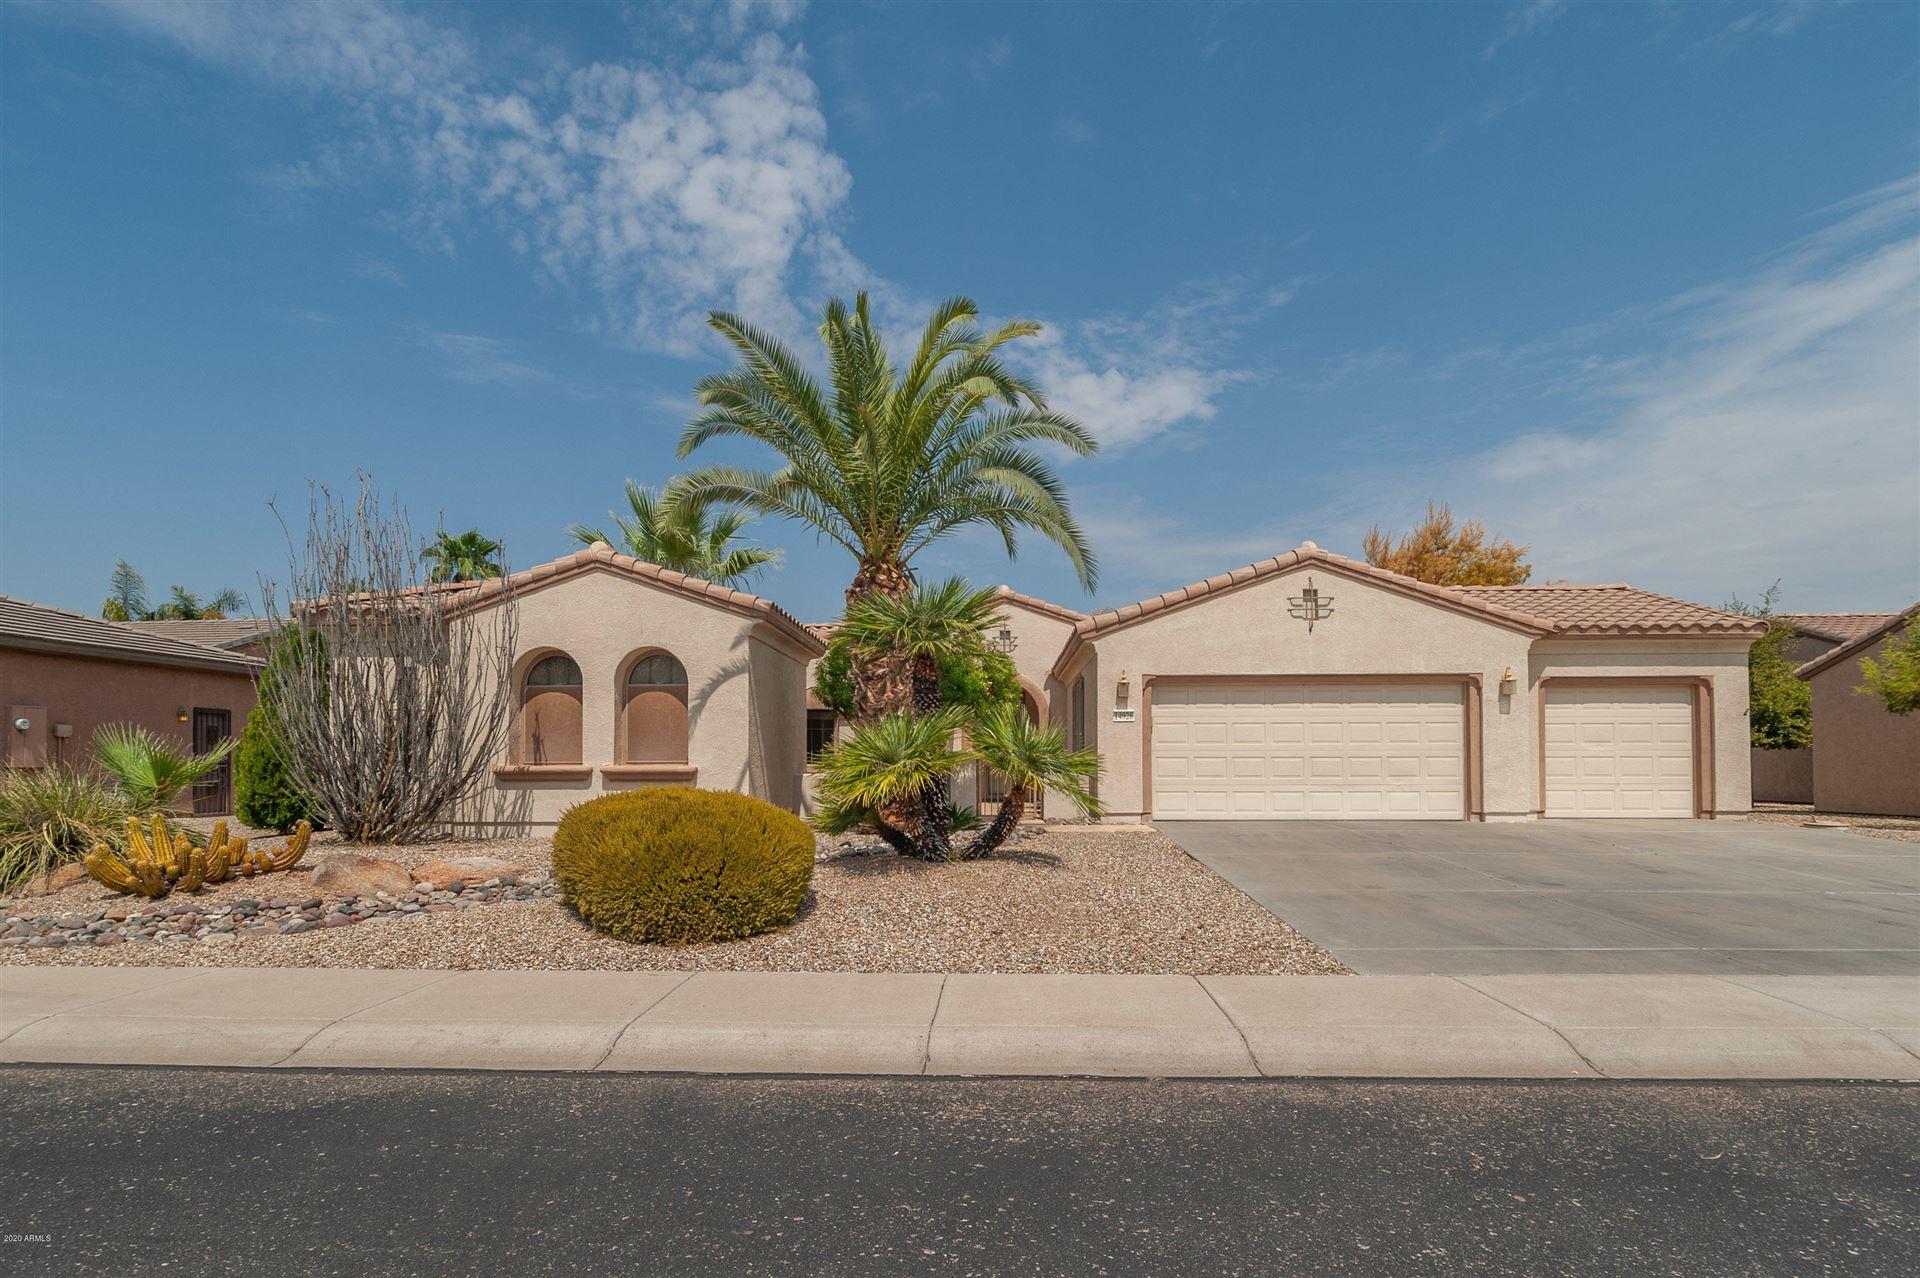 14928 W WOODBURY Lane, Surprise, AZ 85374 - MLS#: 6125555